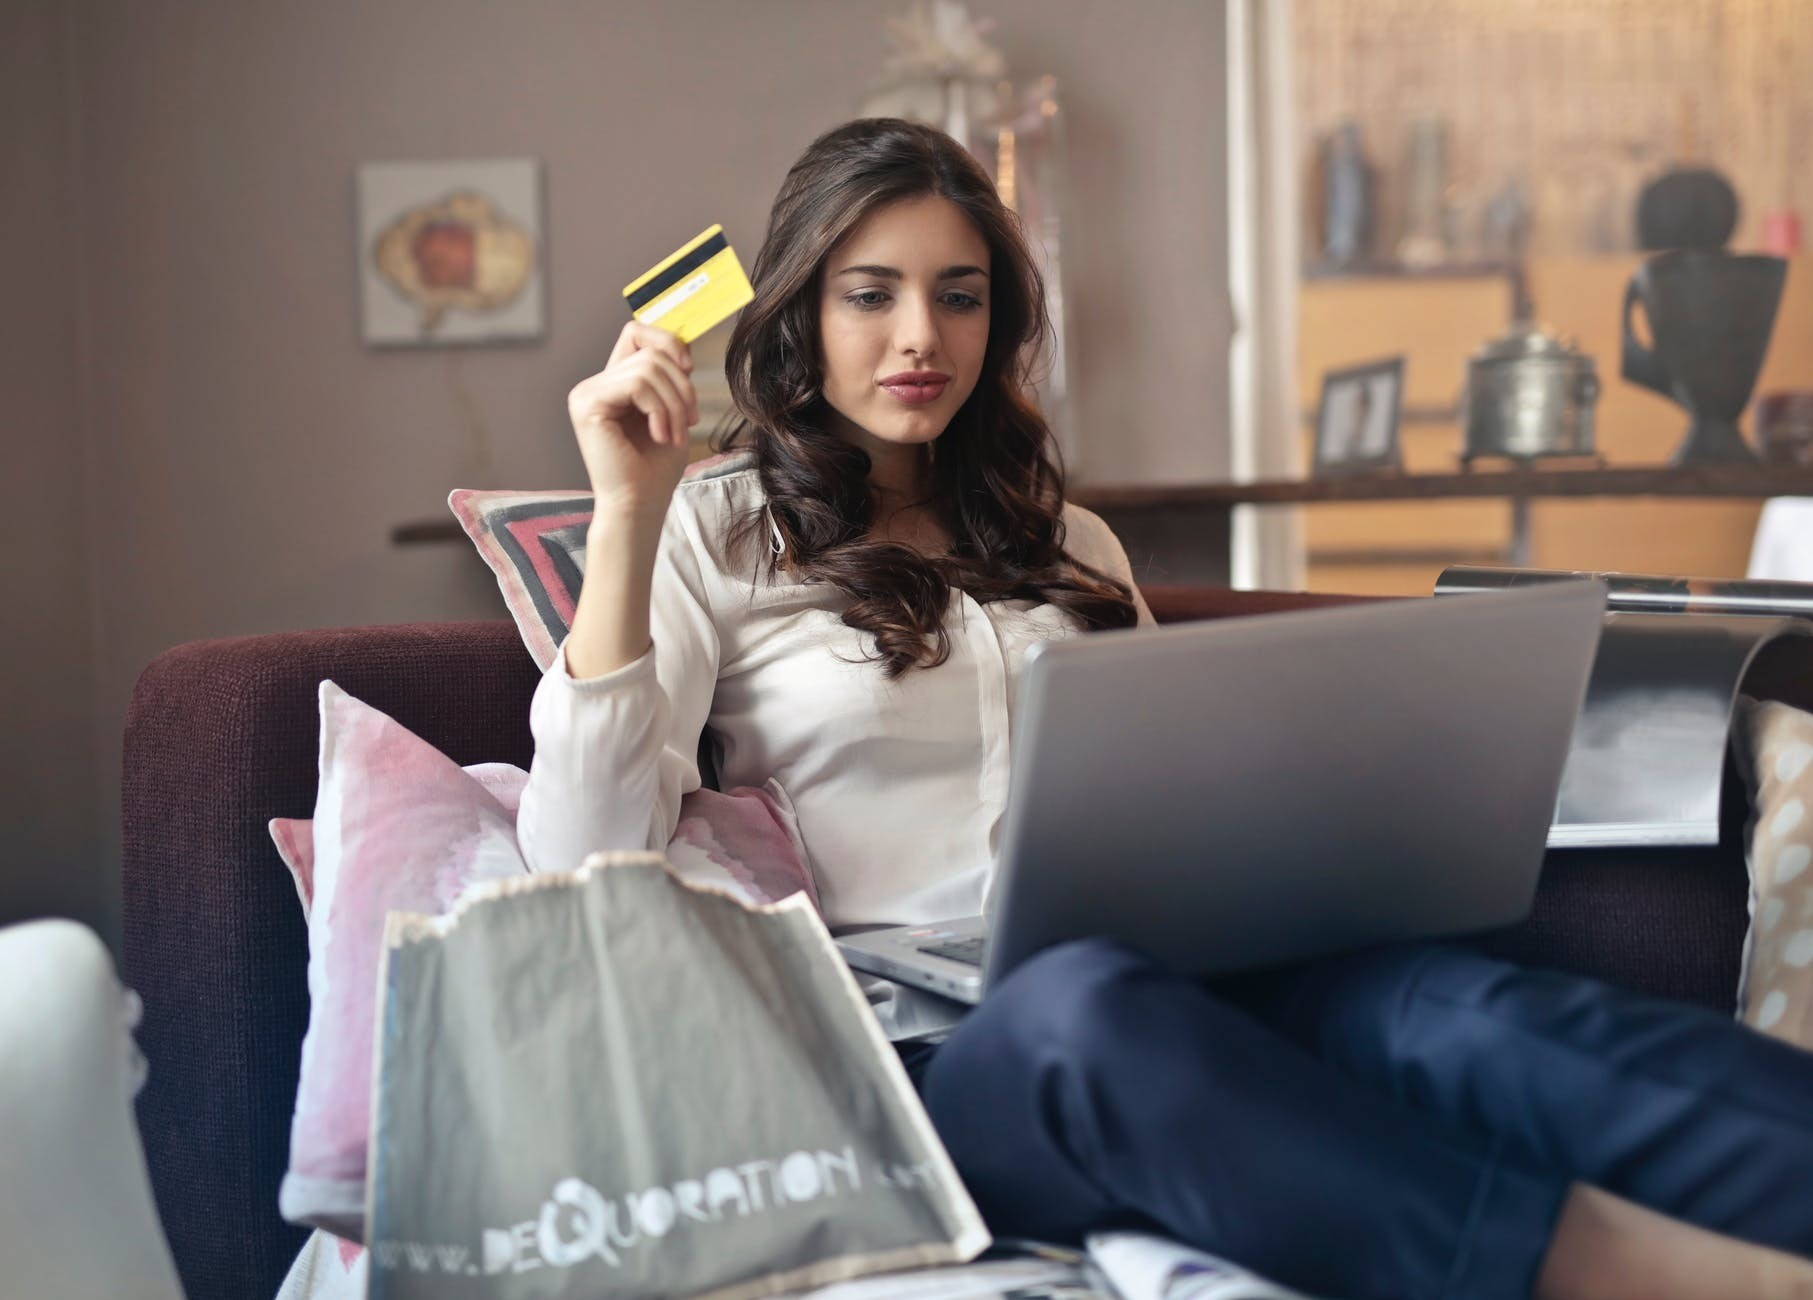 Хочу много зарабатывать: 12 способов увеличить свой ежемесячный доход и приумножить капитал